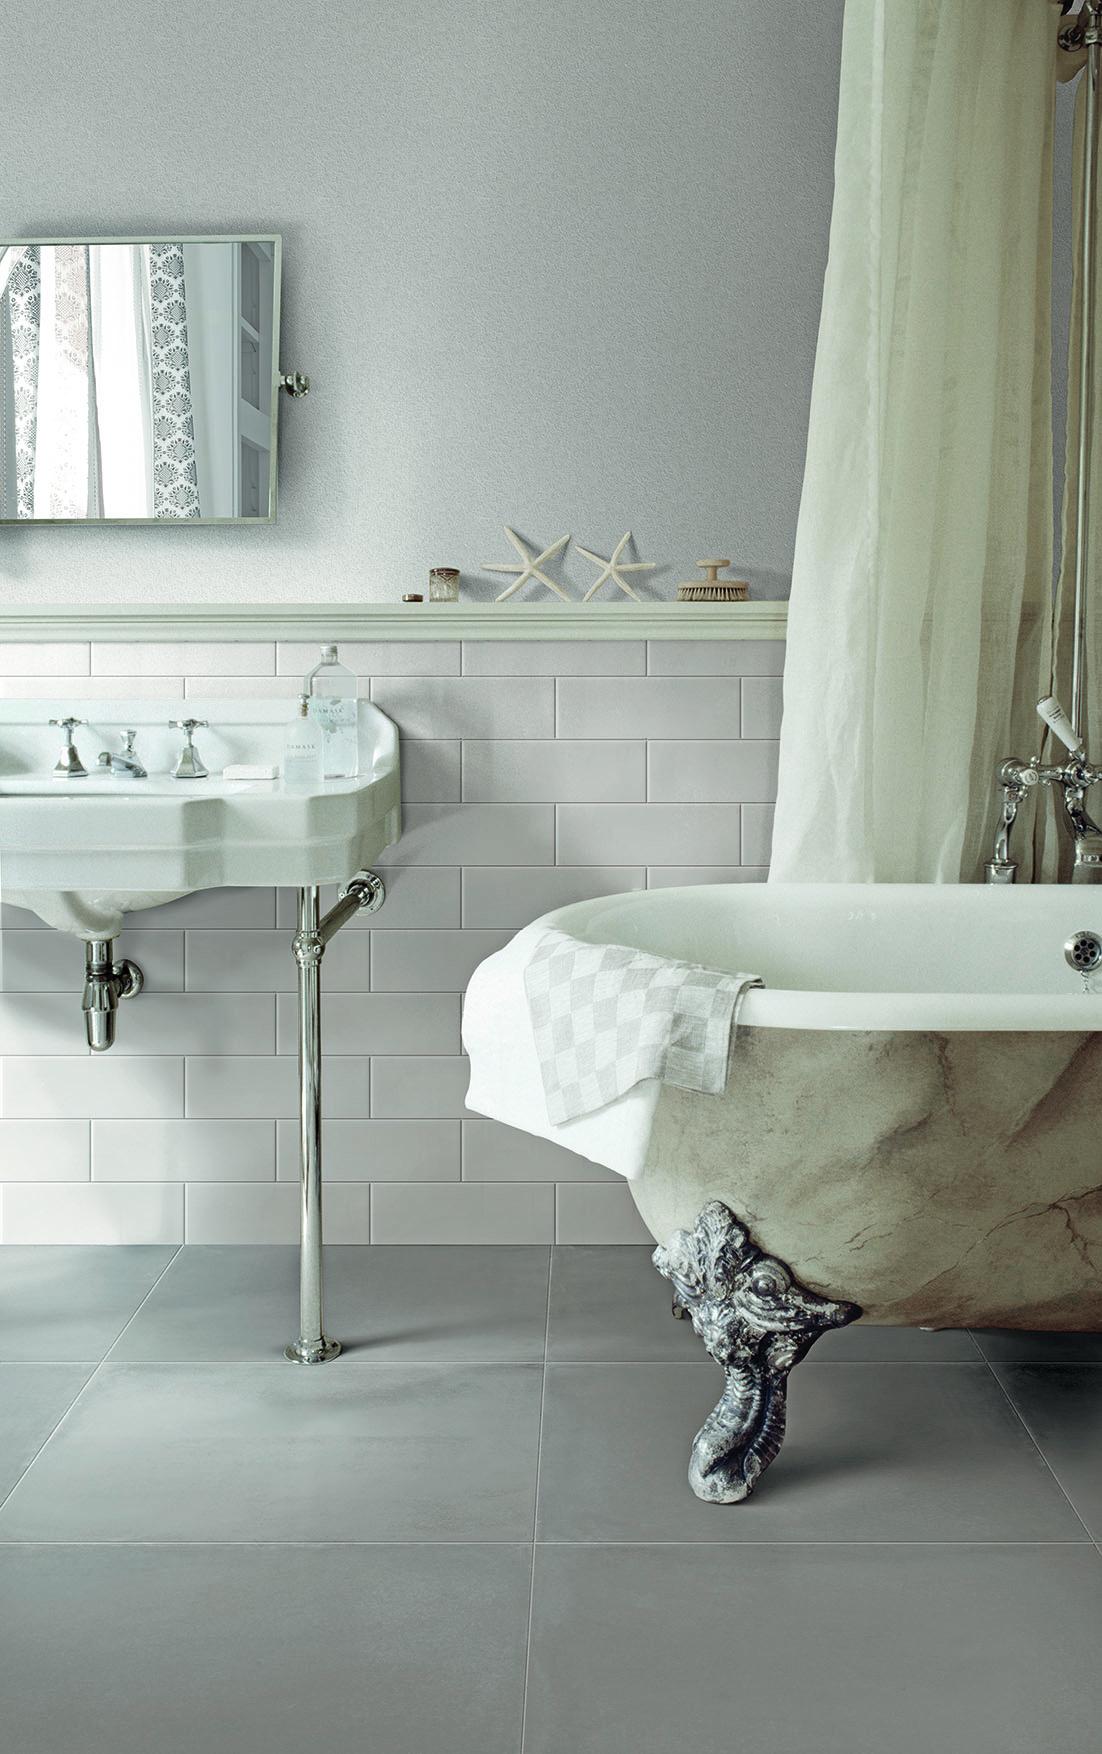 Salle de bain / Classique Chic  Point.P